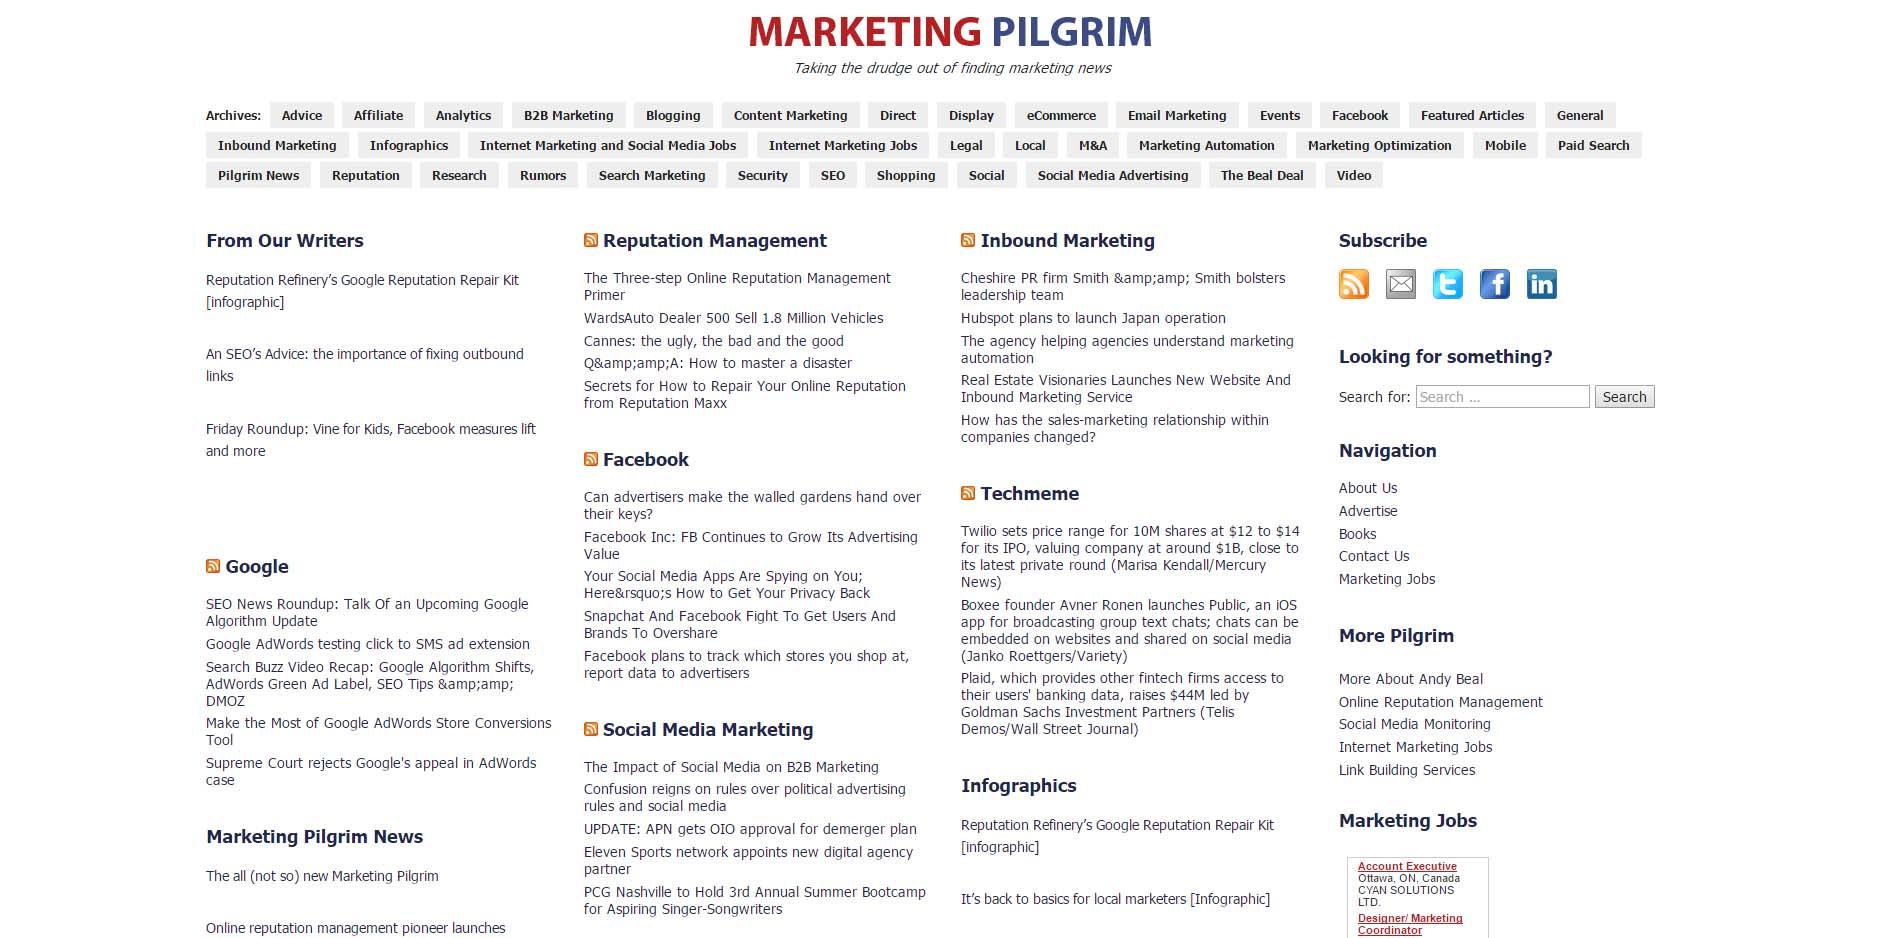 seo-blog-marketingpilgrim-com